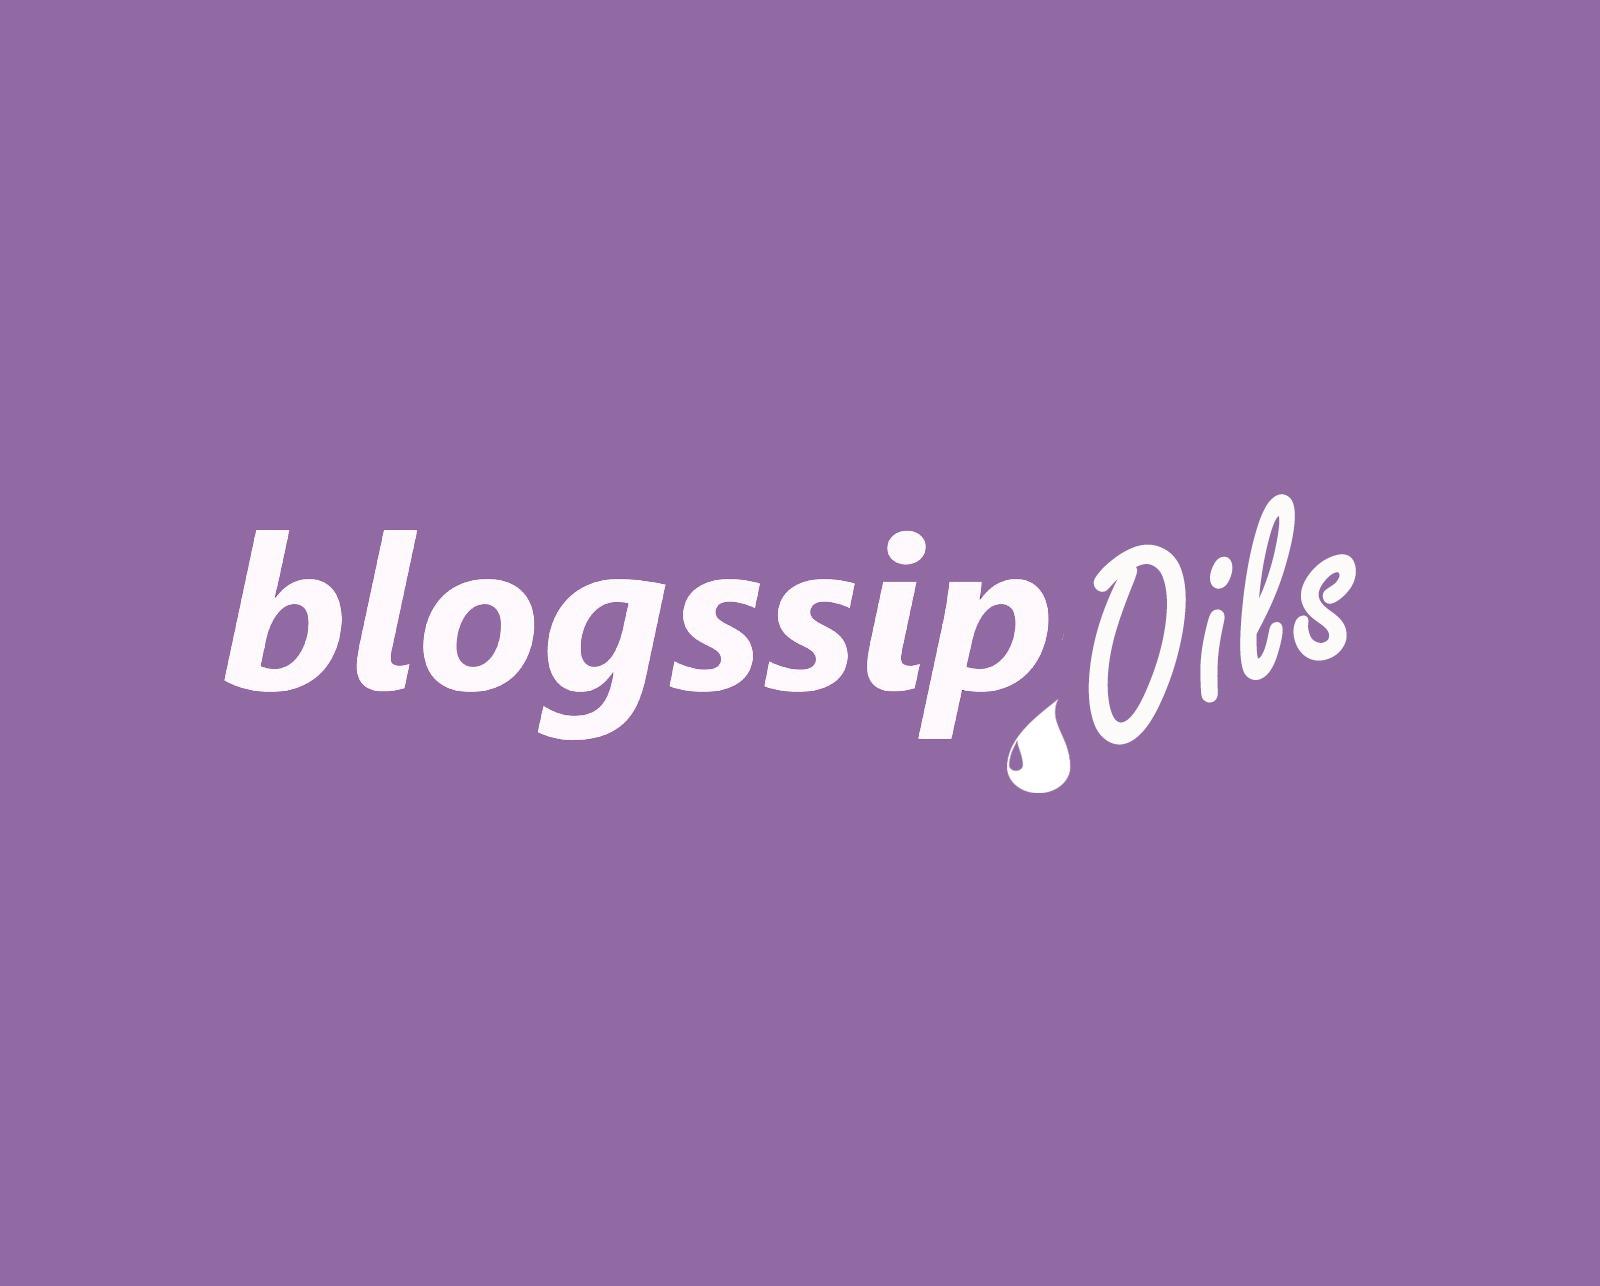 BlogssipOils. Aceites esenciales 100% puros y naturales